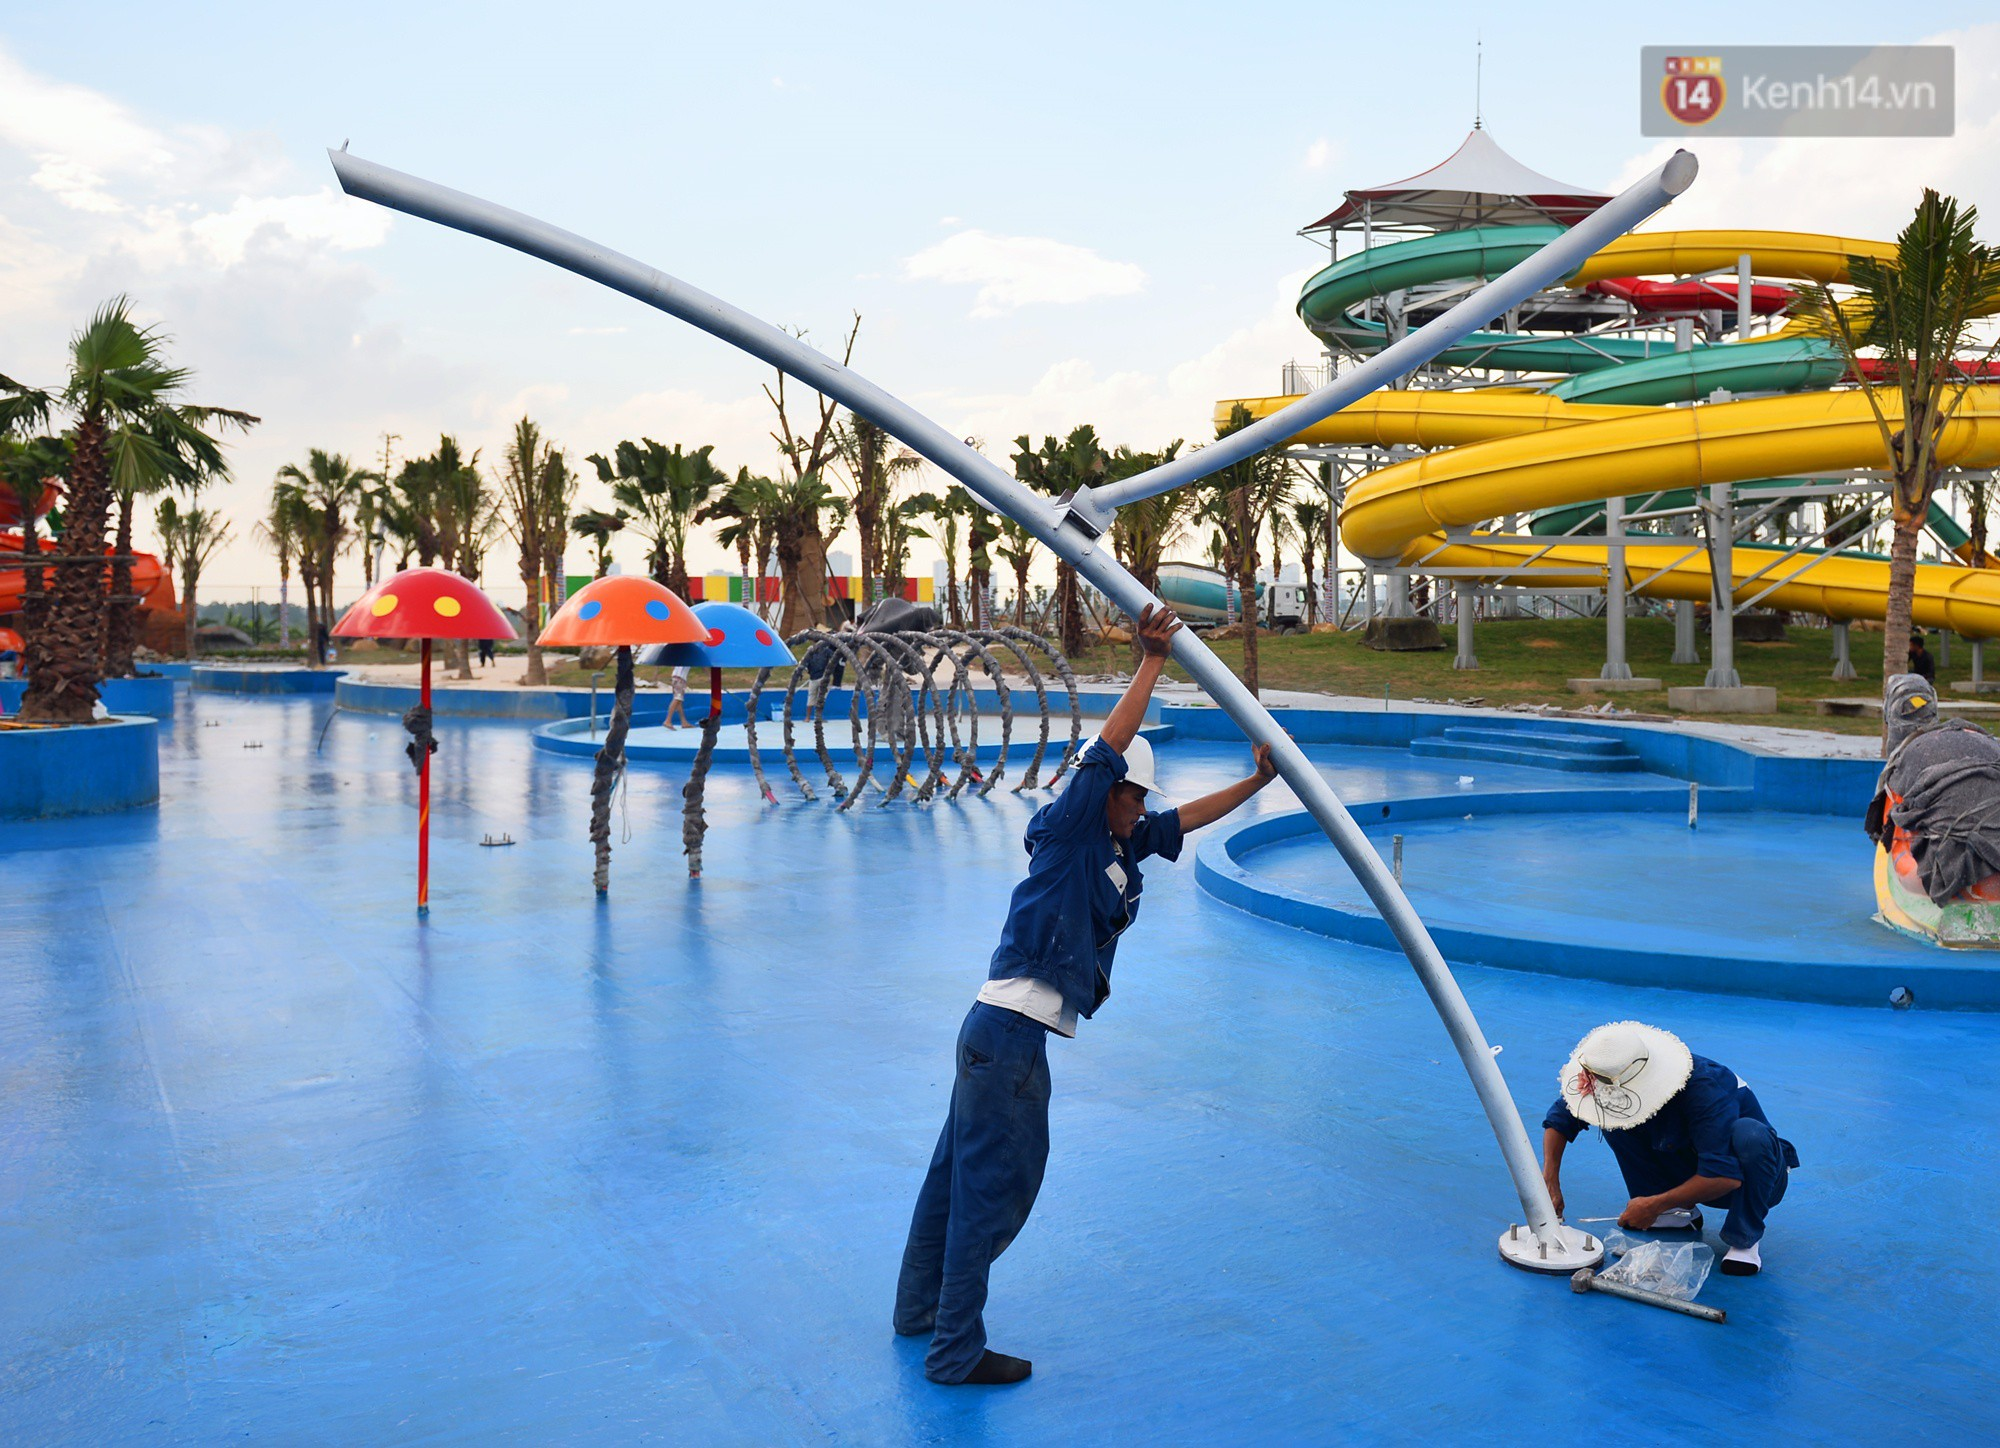 Cận cảnh công viên nước hiện đại nhất Thủ đô sắp được khai trương - Ảnh 4.